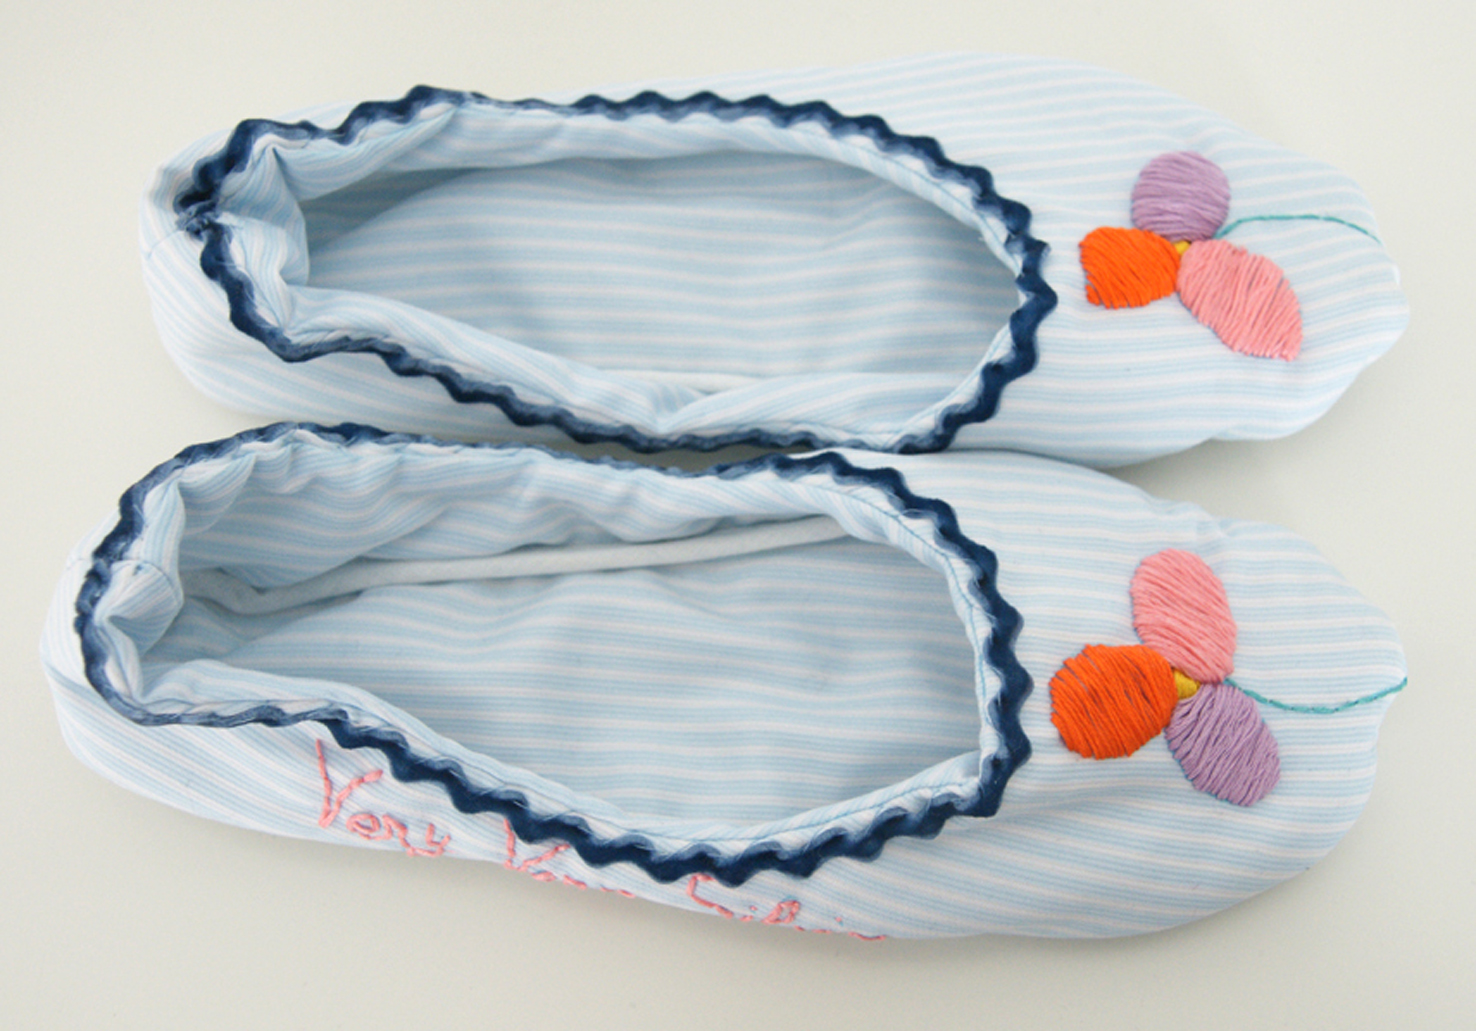 Zapatillas bordadas a mano